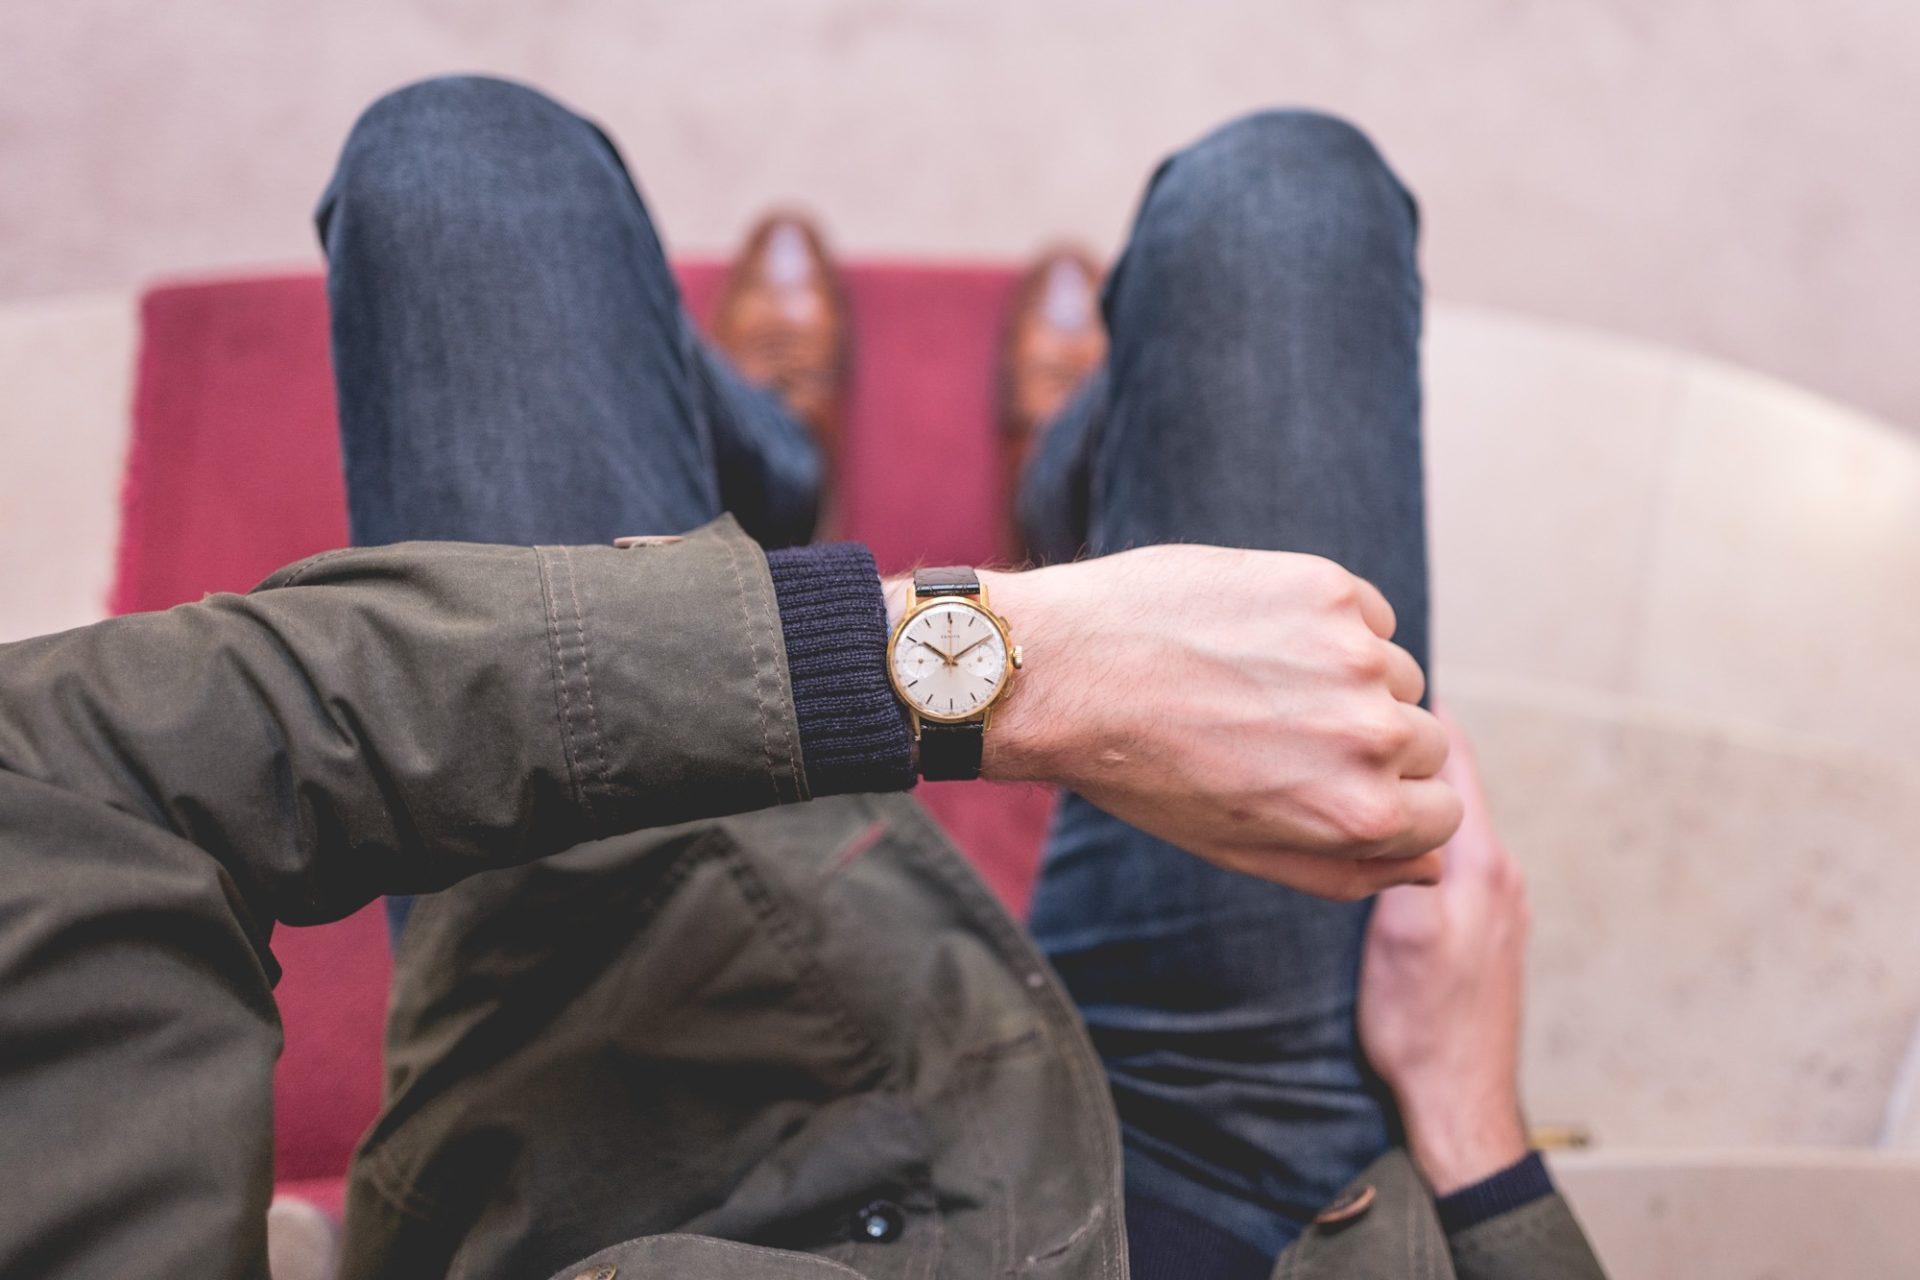 Vente Tajan Georg Fischer Zenith Chronograph - Style